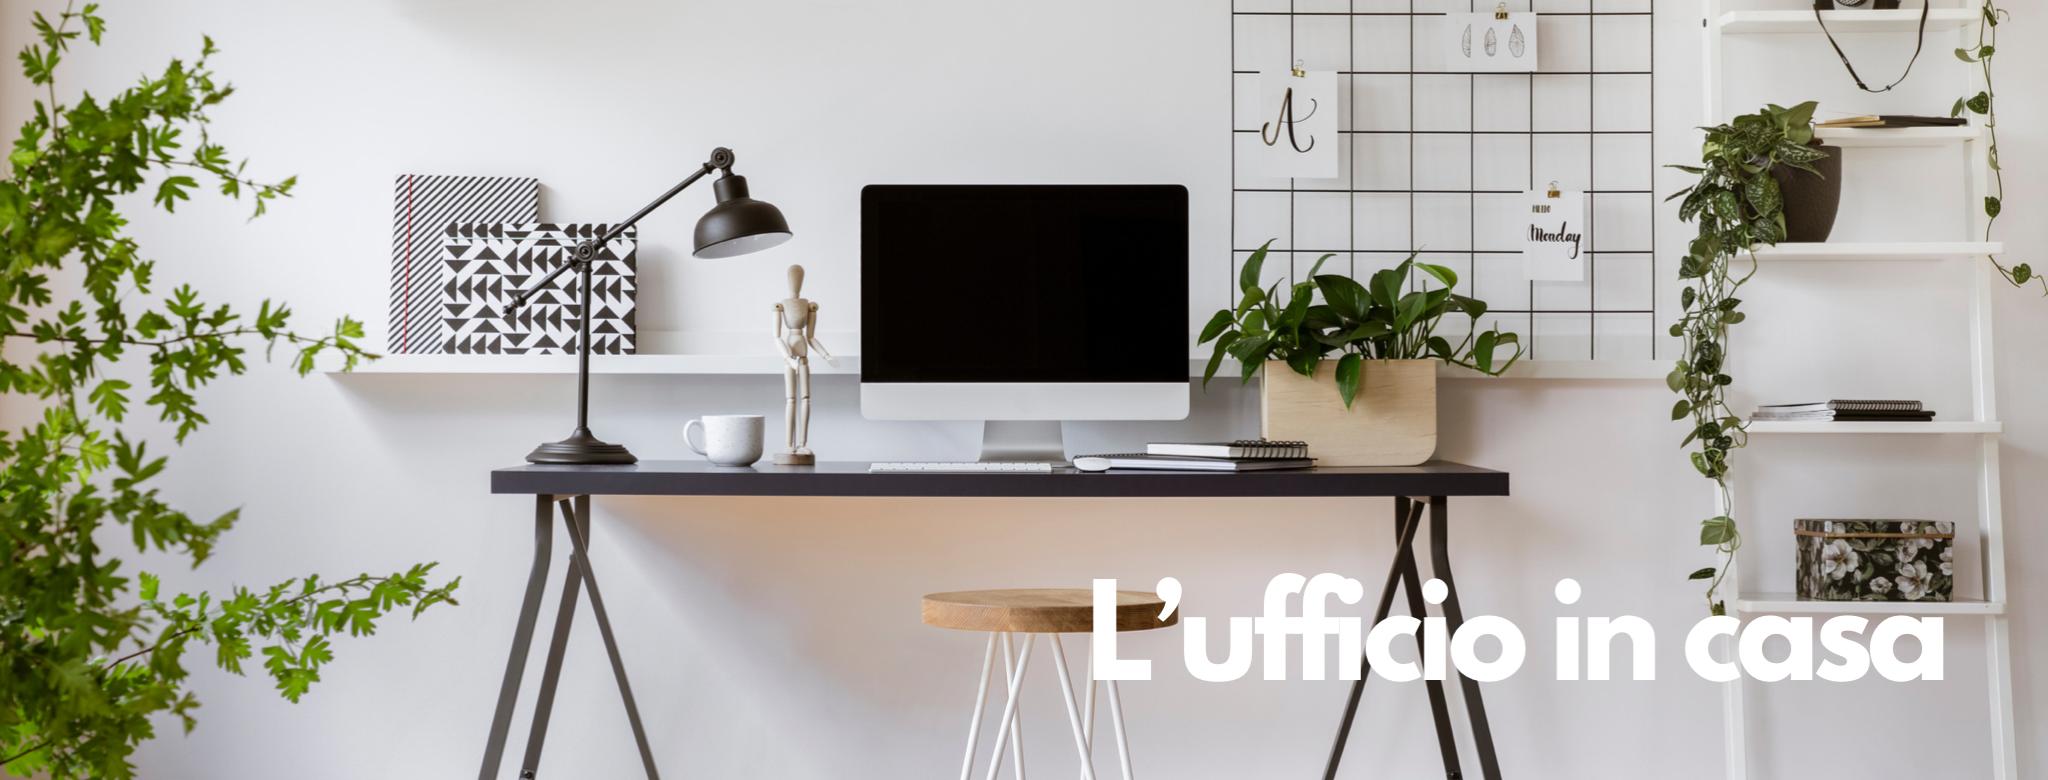 Lavoro da casa o smart working: come organizzare e come arredare l'ufficio in casa e tutte le cose da avere per lavorare bene da casa.